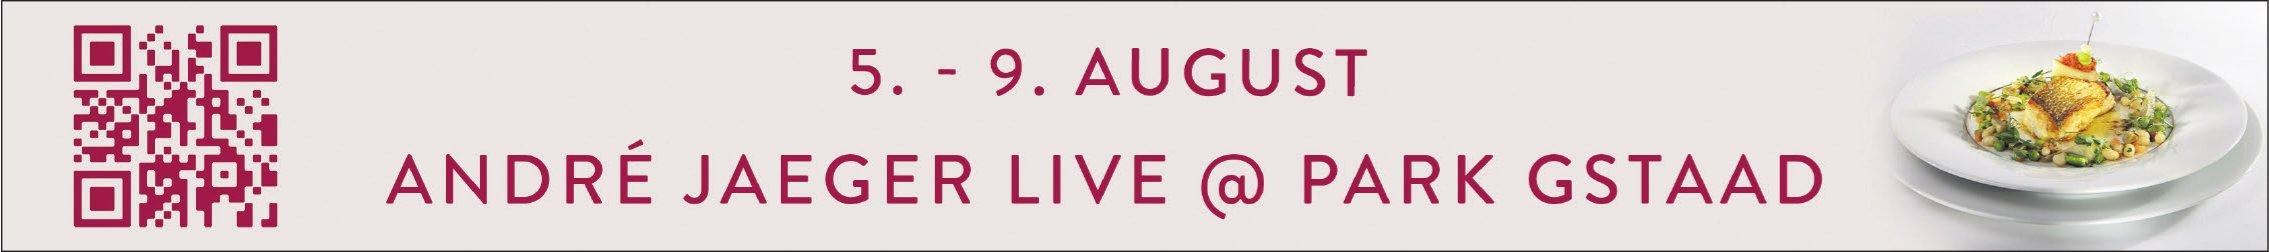 André Jäger Live vom 5. bis 9. August